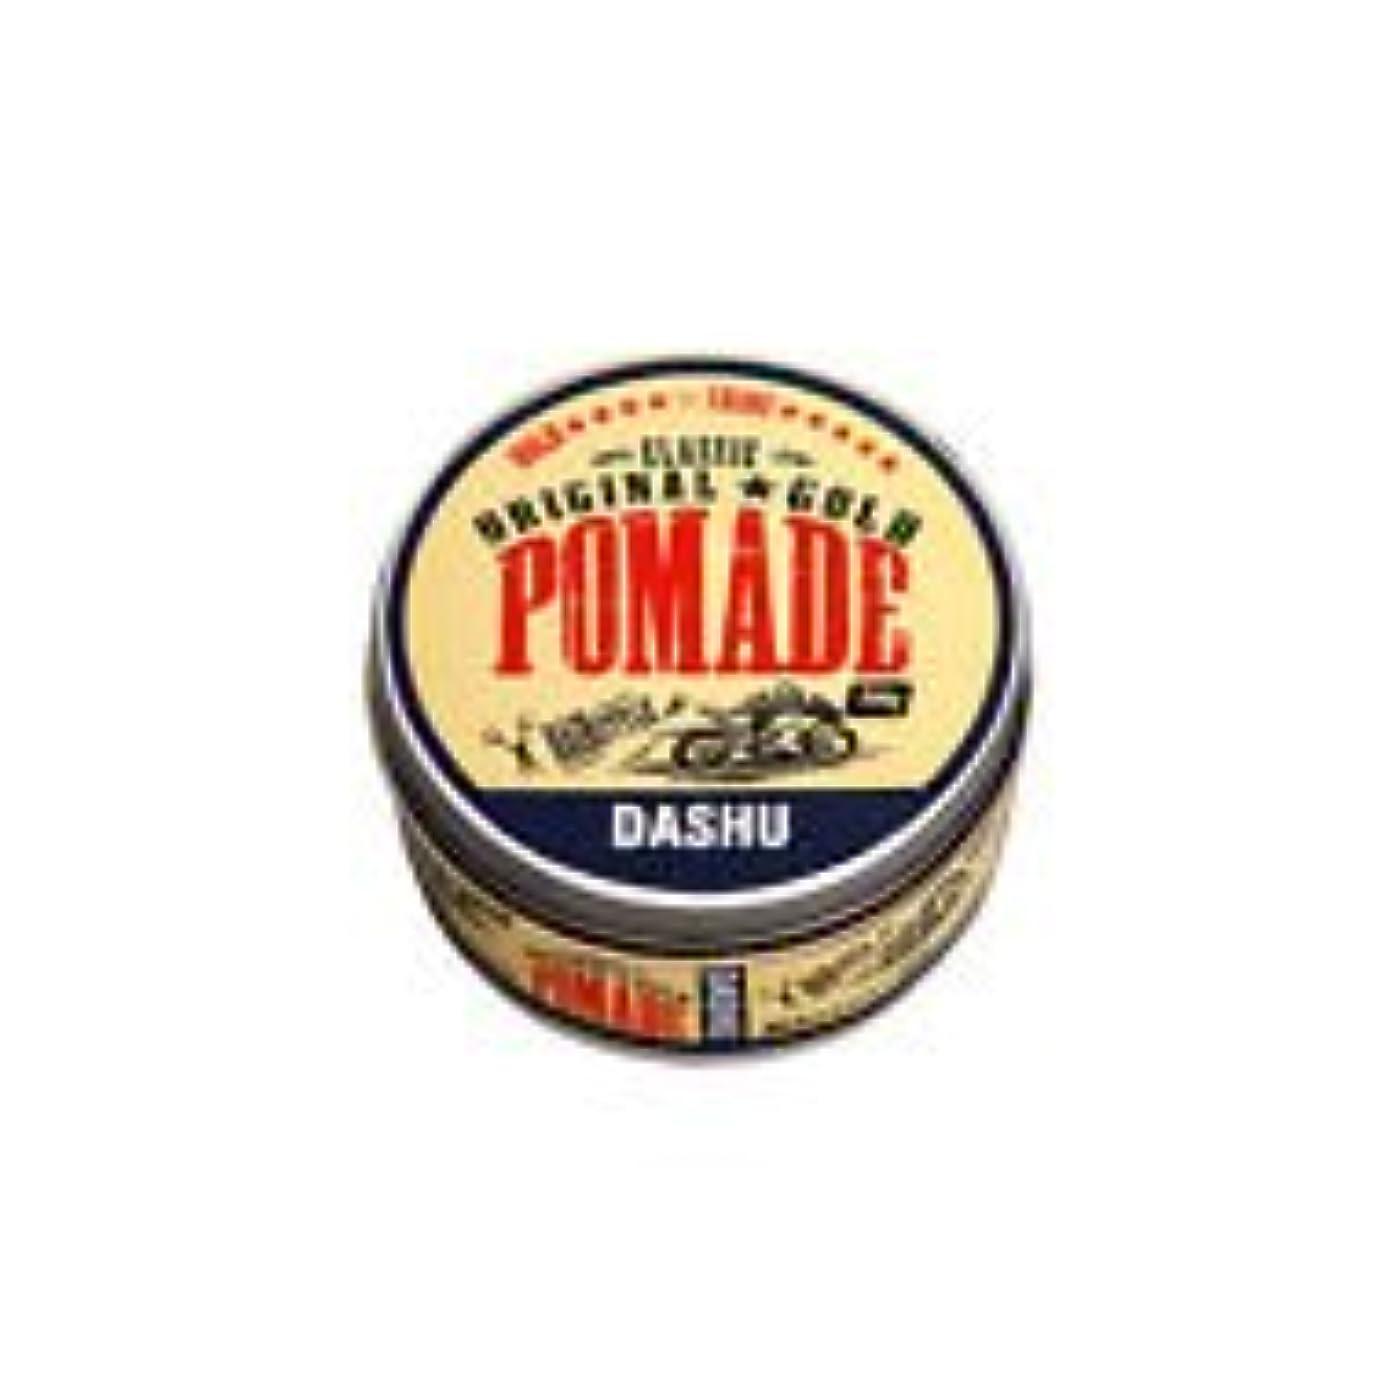 ボランティア関税爵[DASHU] ダシュ クラシックオリジナルゴールドポマードヘアワックス Classic Original Gold Pomade Hair Wax 100ml / 韓国製 . 韓国直送品